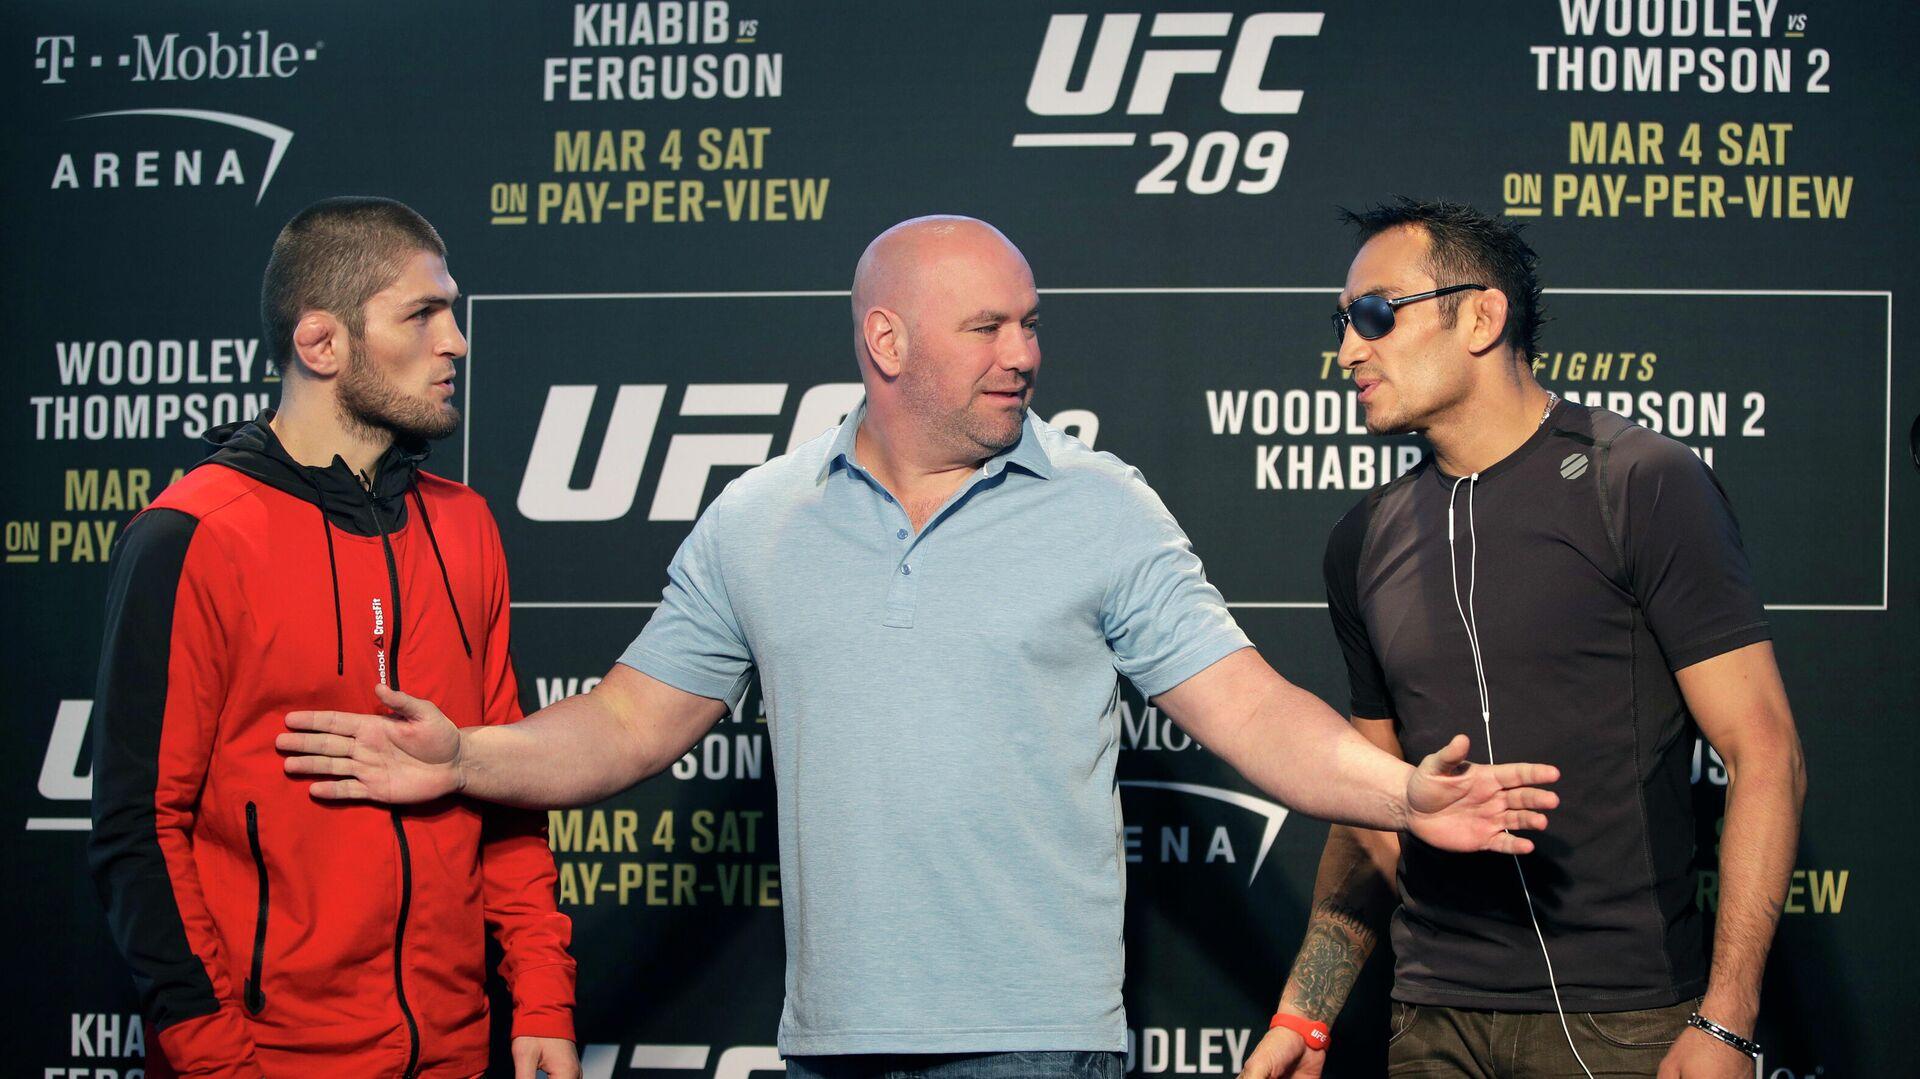 Khabib Nurmagomédov y Tony Ferguson antes de la UFC 209 - Sputnik Mundo, 1920, 31.03.2021